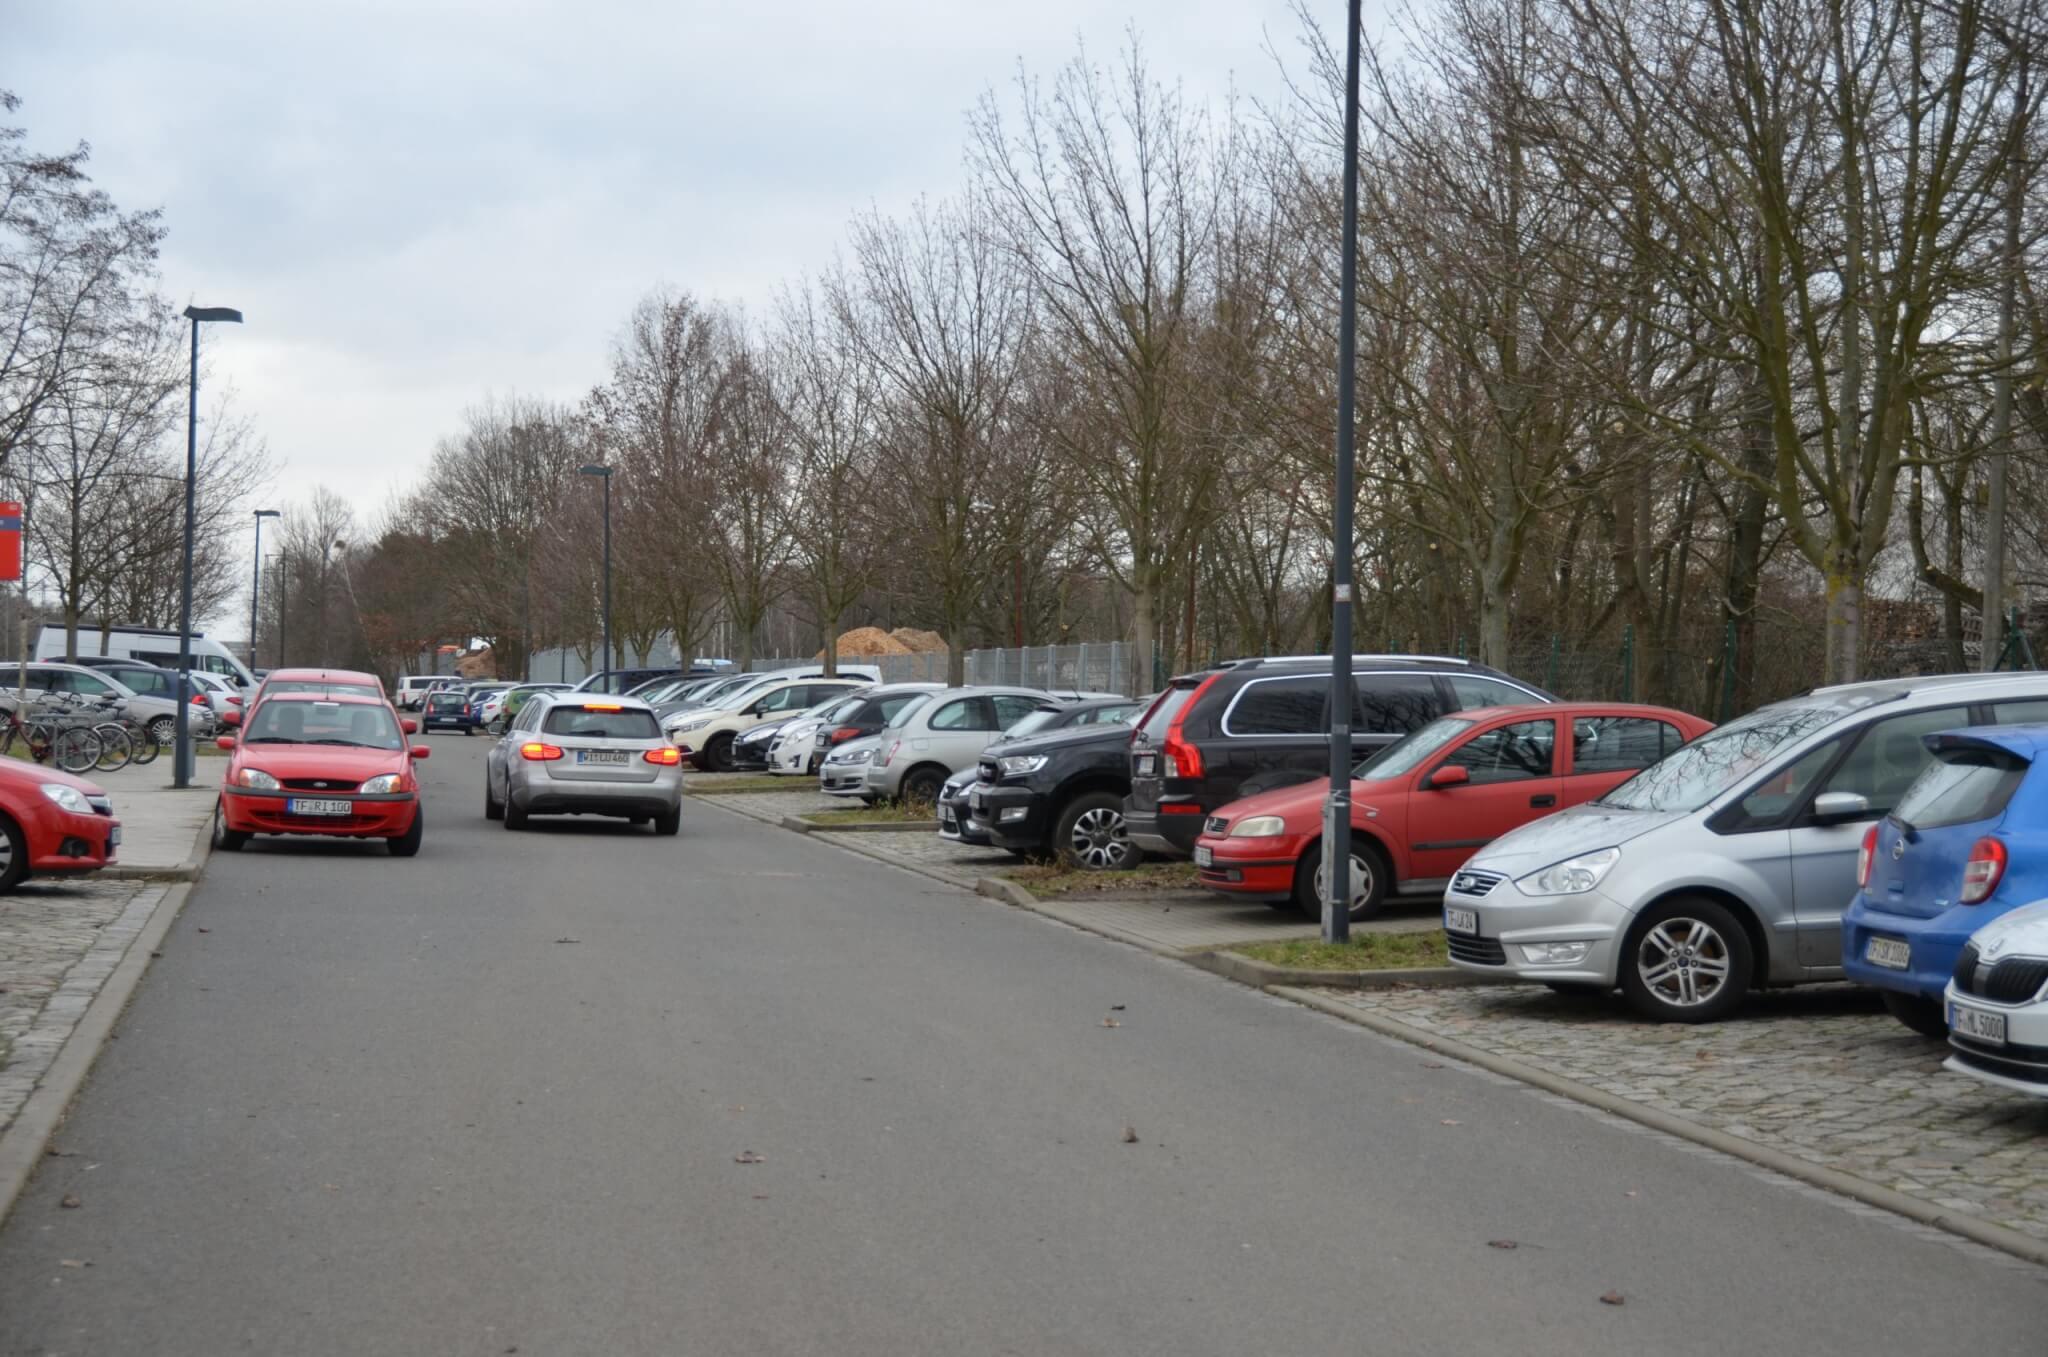 Parkplätze Bahnhof ludwigsfelde